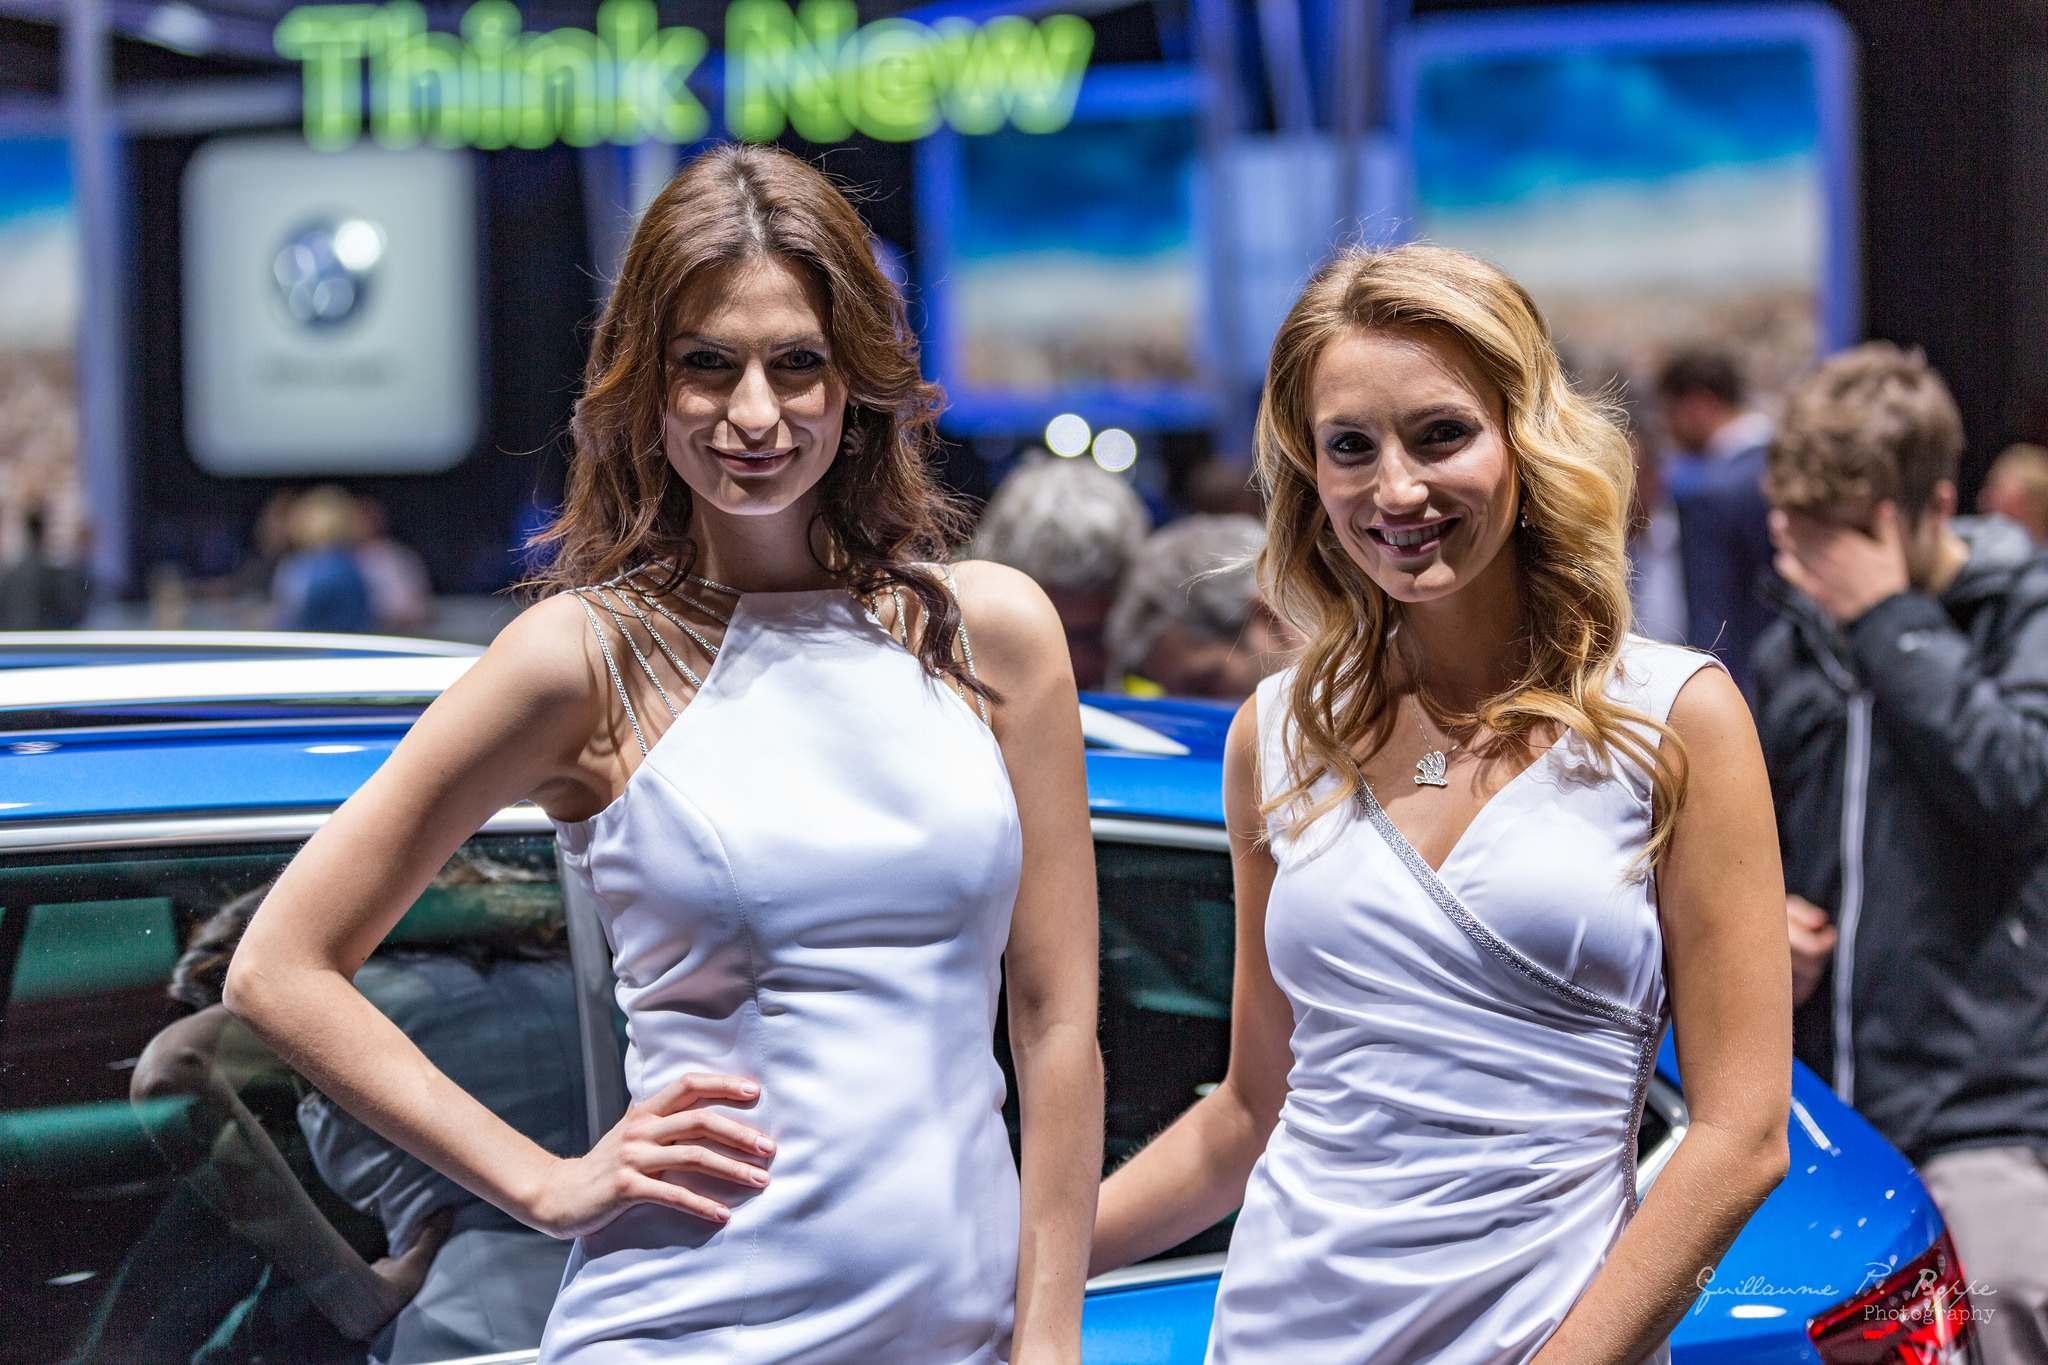 sexy hostess2 Beauty at Geneva International Motor Show 2017